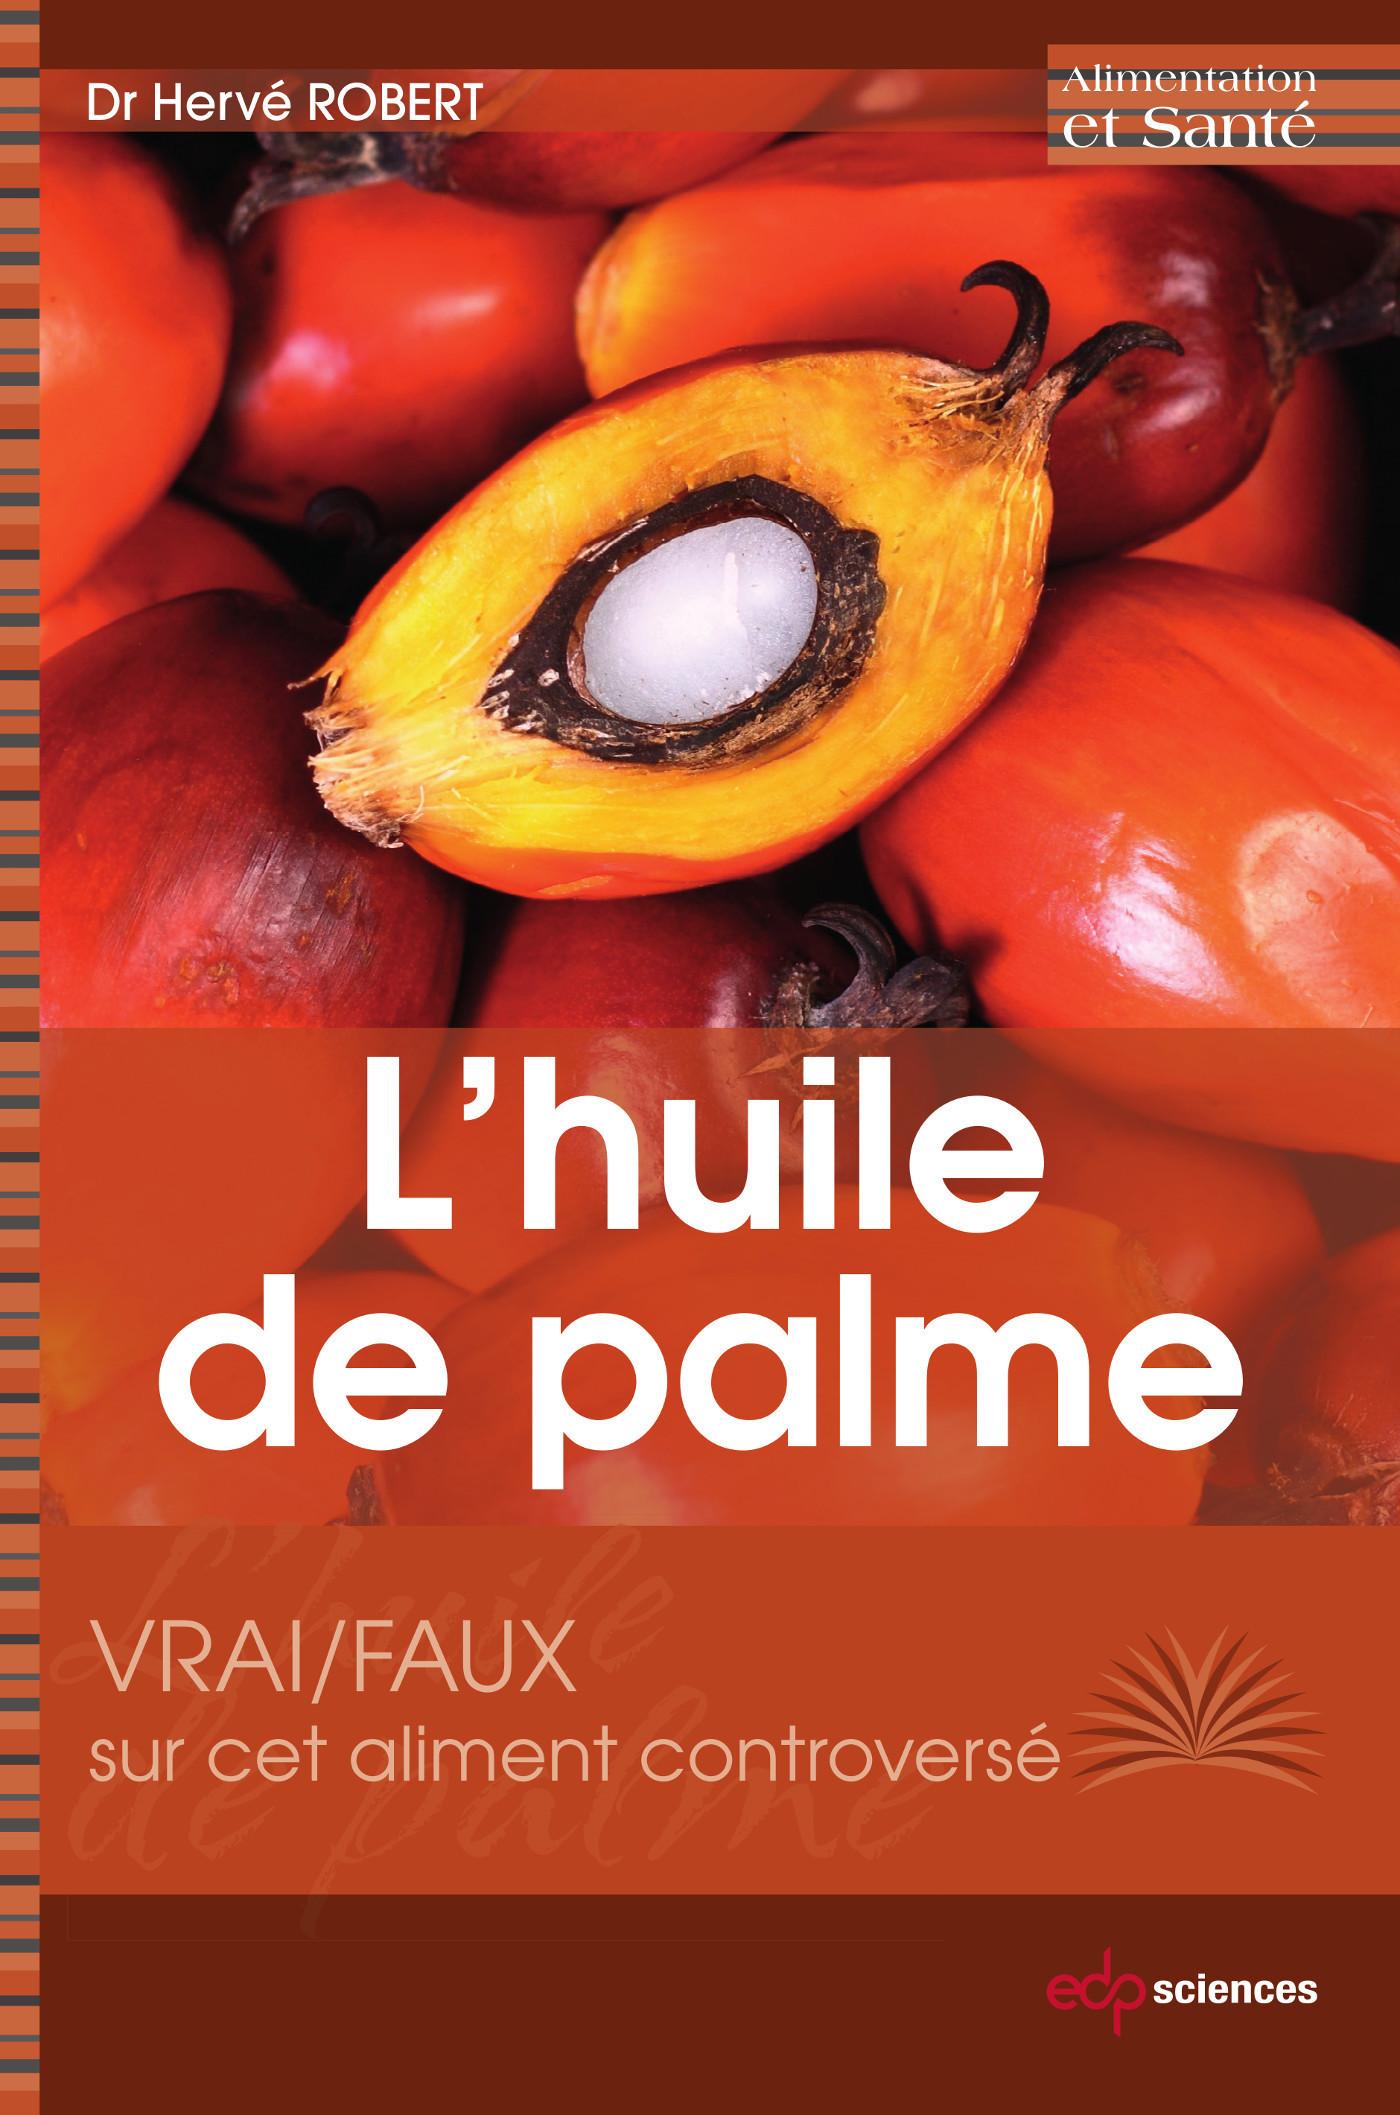 L' HUILE DE PALME - VRAI/FAUX SUR CET ALIMENT CONTROVERSE